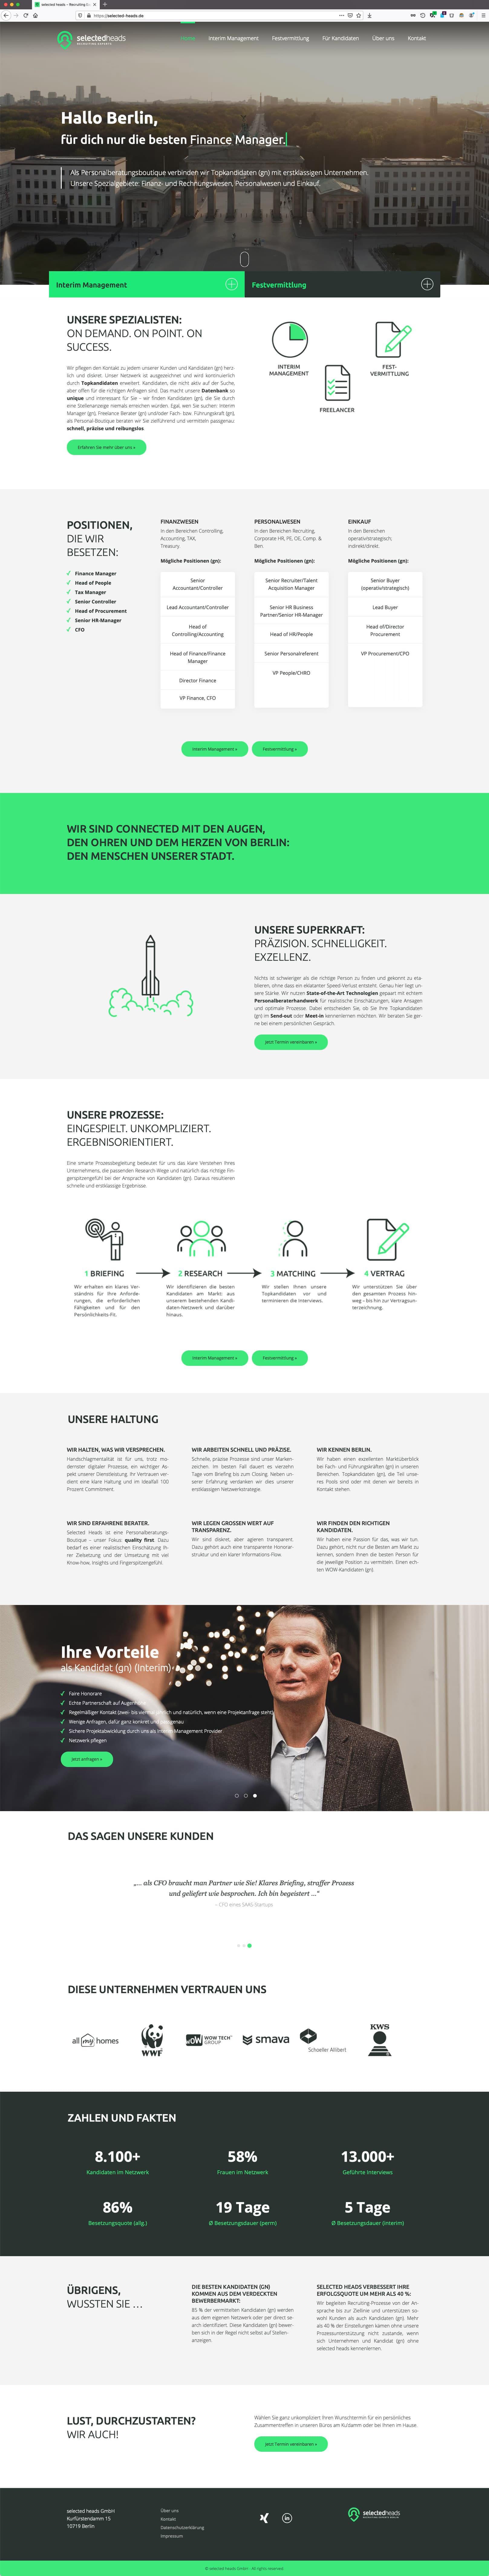 Webdesign Berlin Recruiting Website